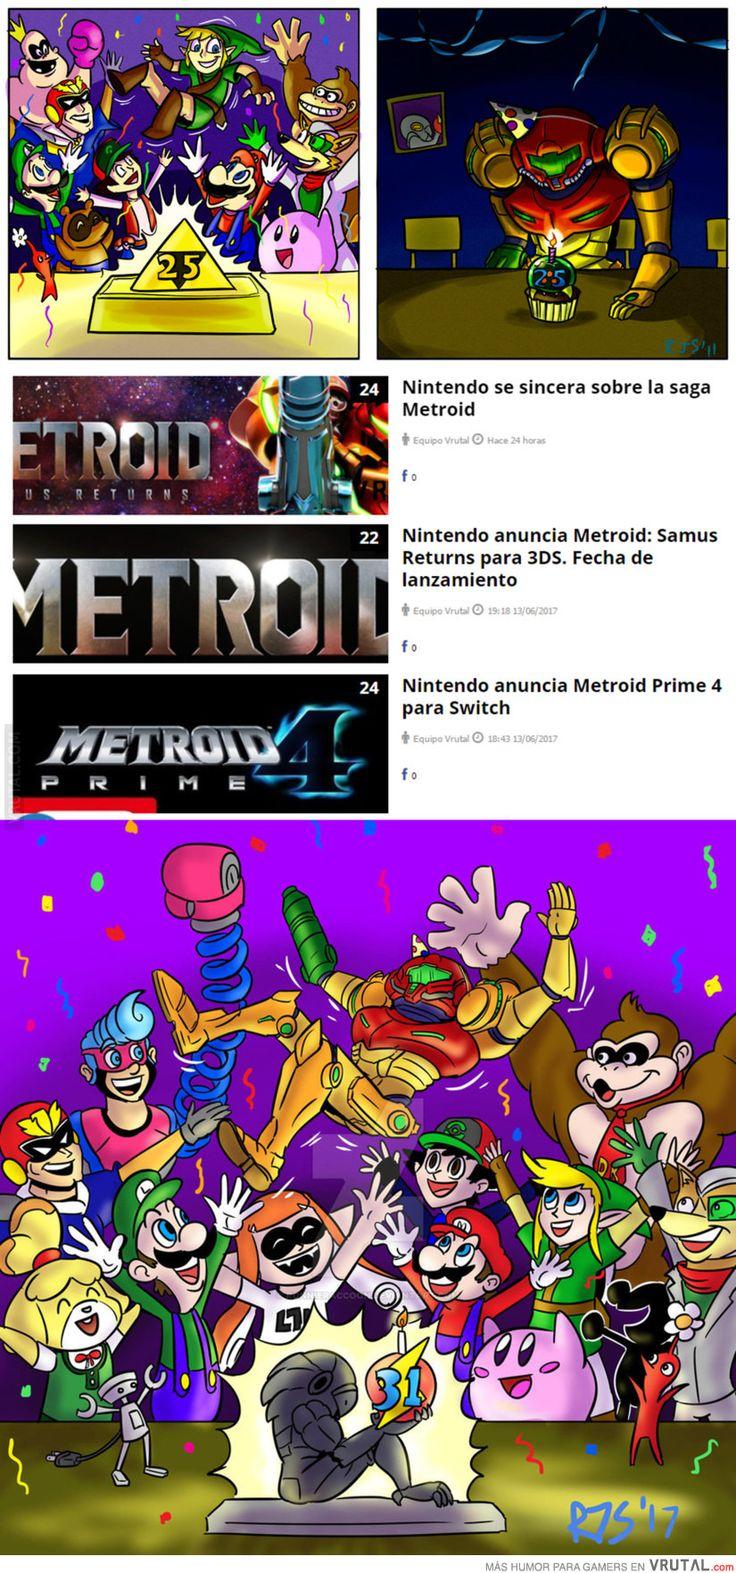 La mejor página de vídeojuegos de todo Internet, hecha por y para los gamers de verdad, PS4, Xbox One, PS3, Xbox 360, Wii U, Nintendo 3DS, PSVITA, PC, noticias, actualidad, humor, reviews, analisis, gamertags